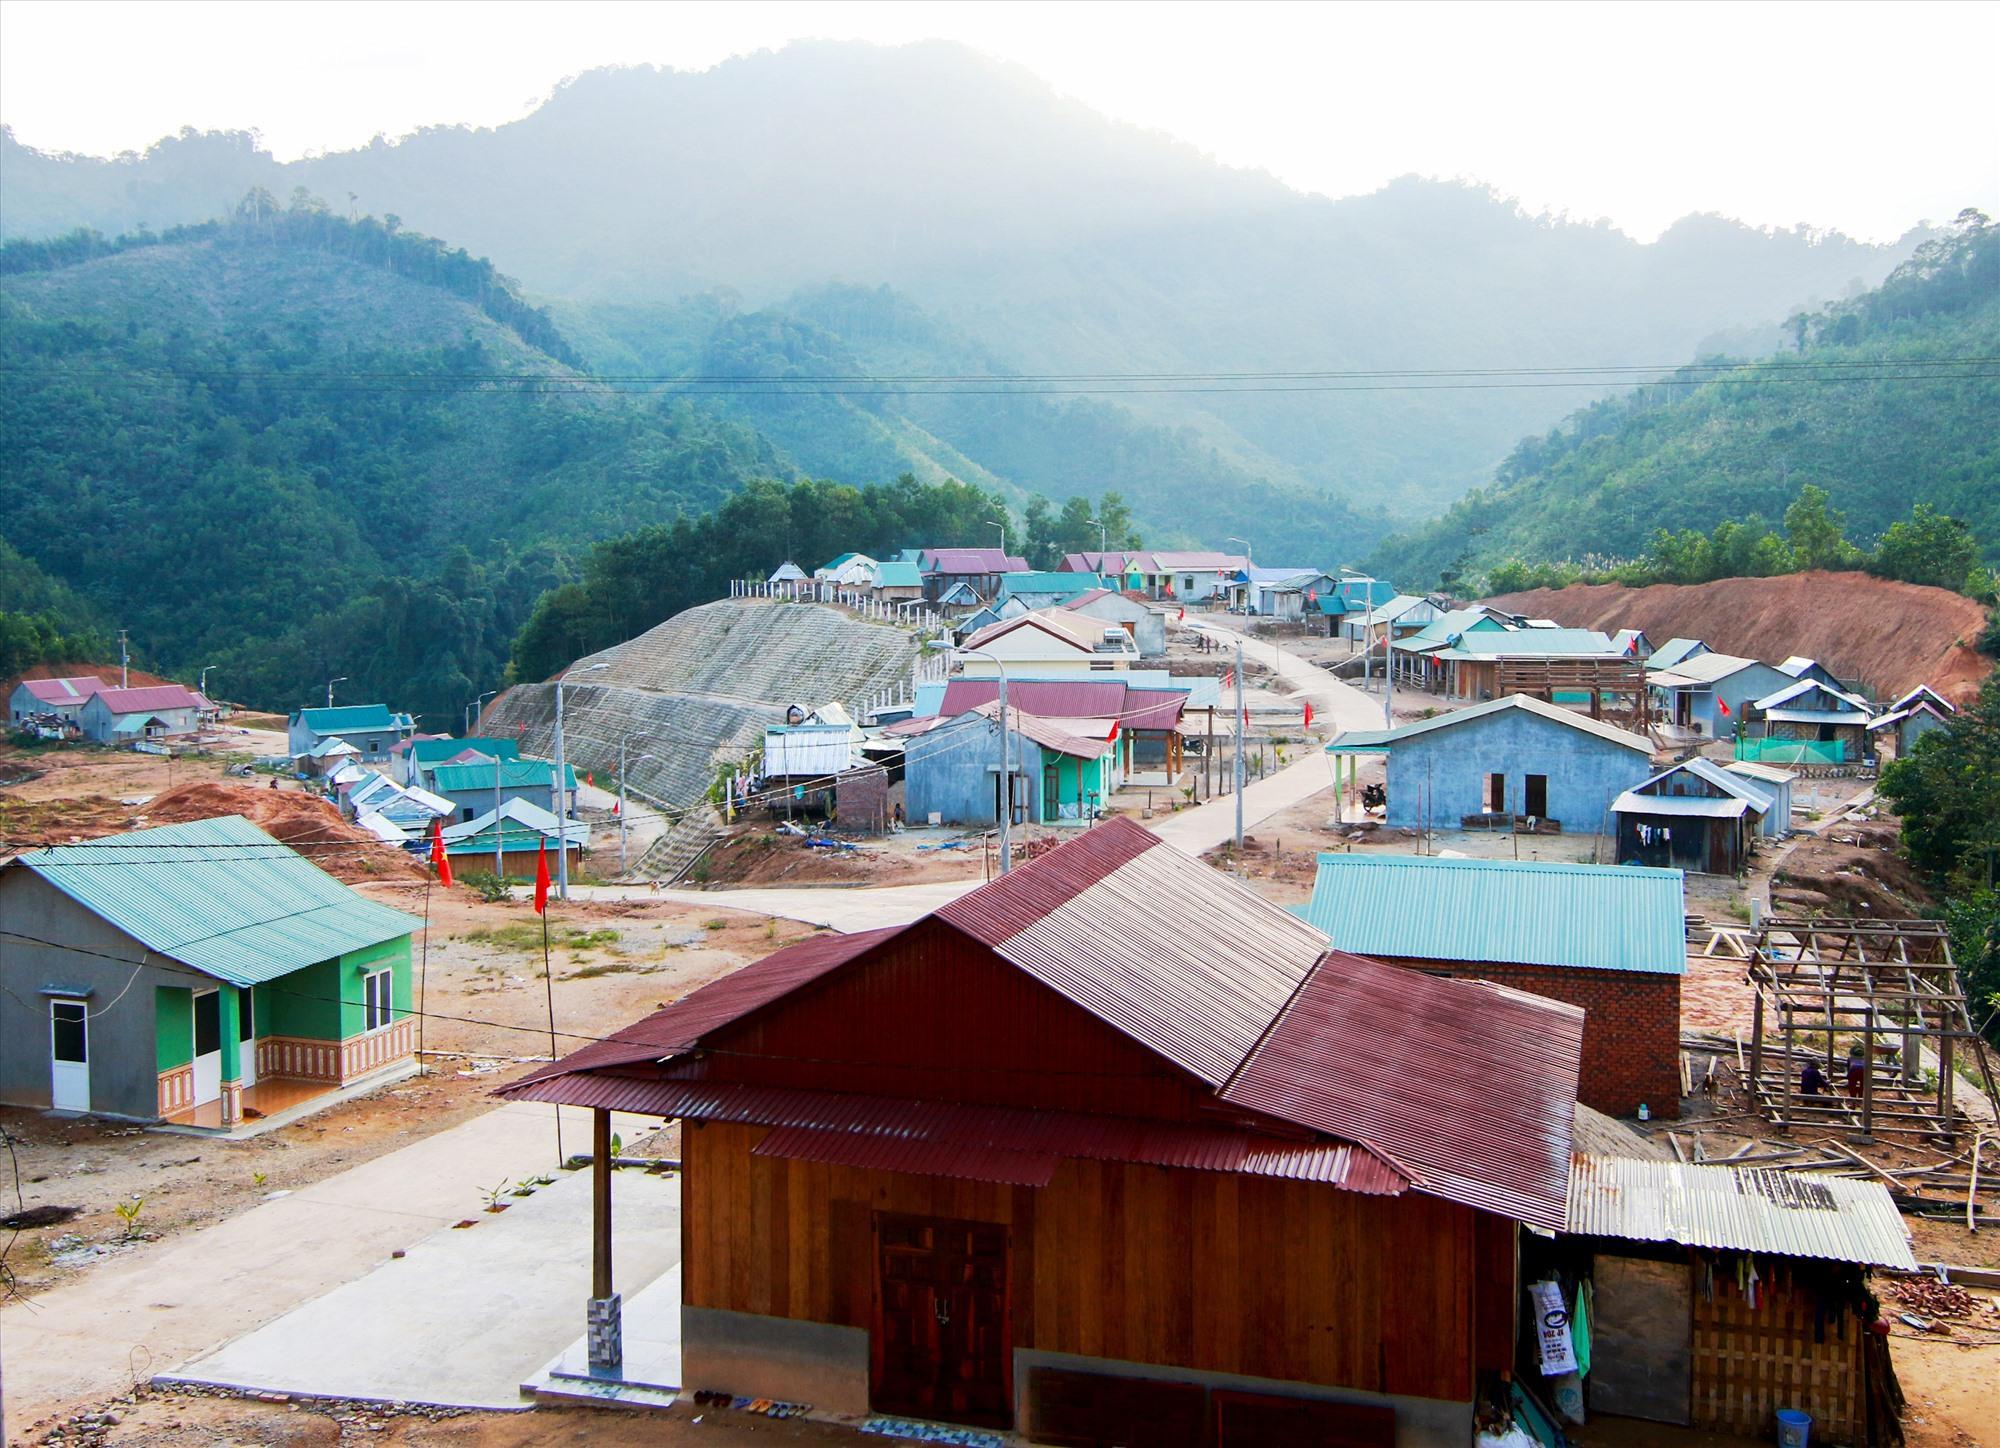 Việc sắp xếp, bố trí dân cư ở miền núi cần phù hợp với đặc trưng văn hóa, gìn giữ bản sắc của đồng bào miền núi. Ảnh: N.C